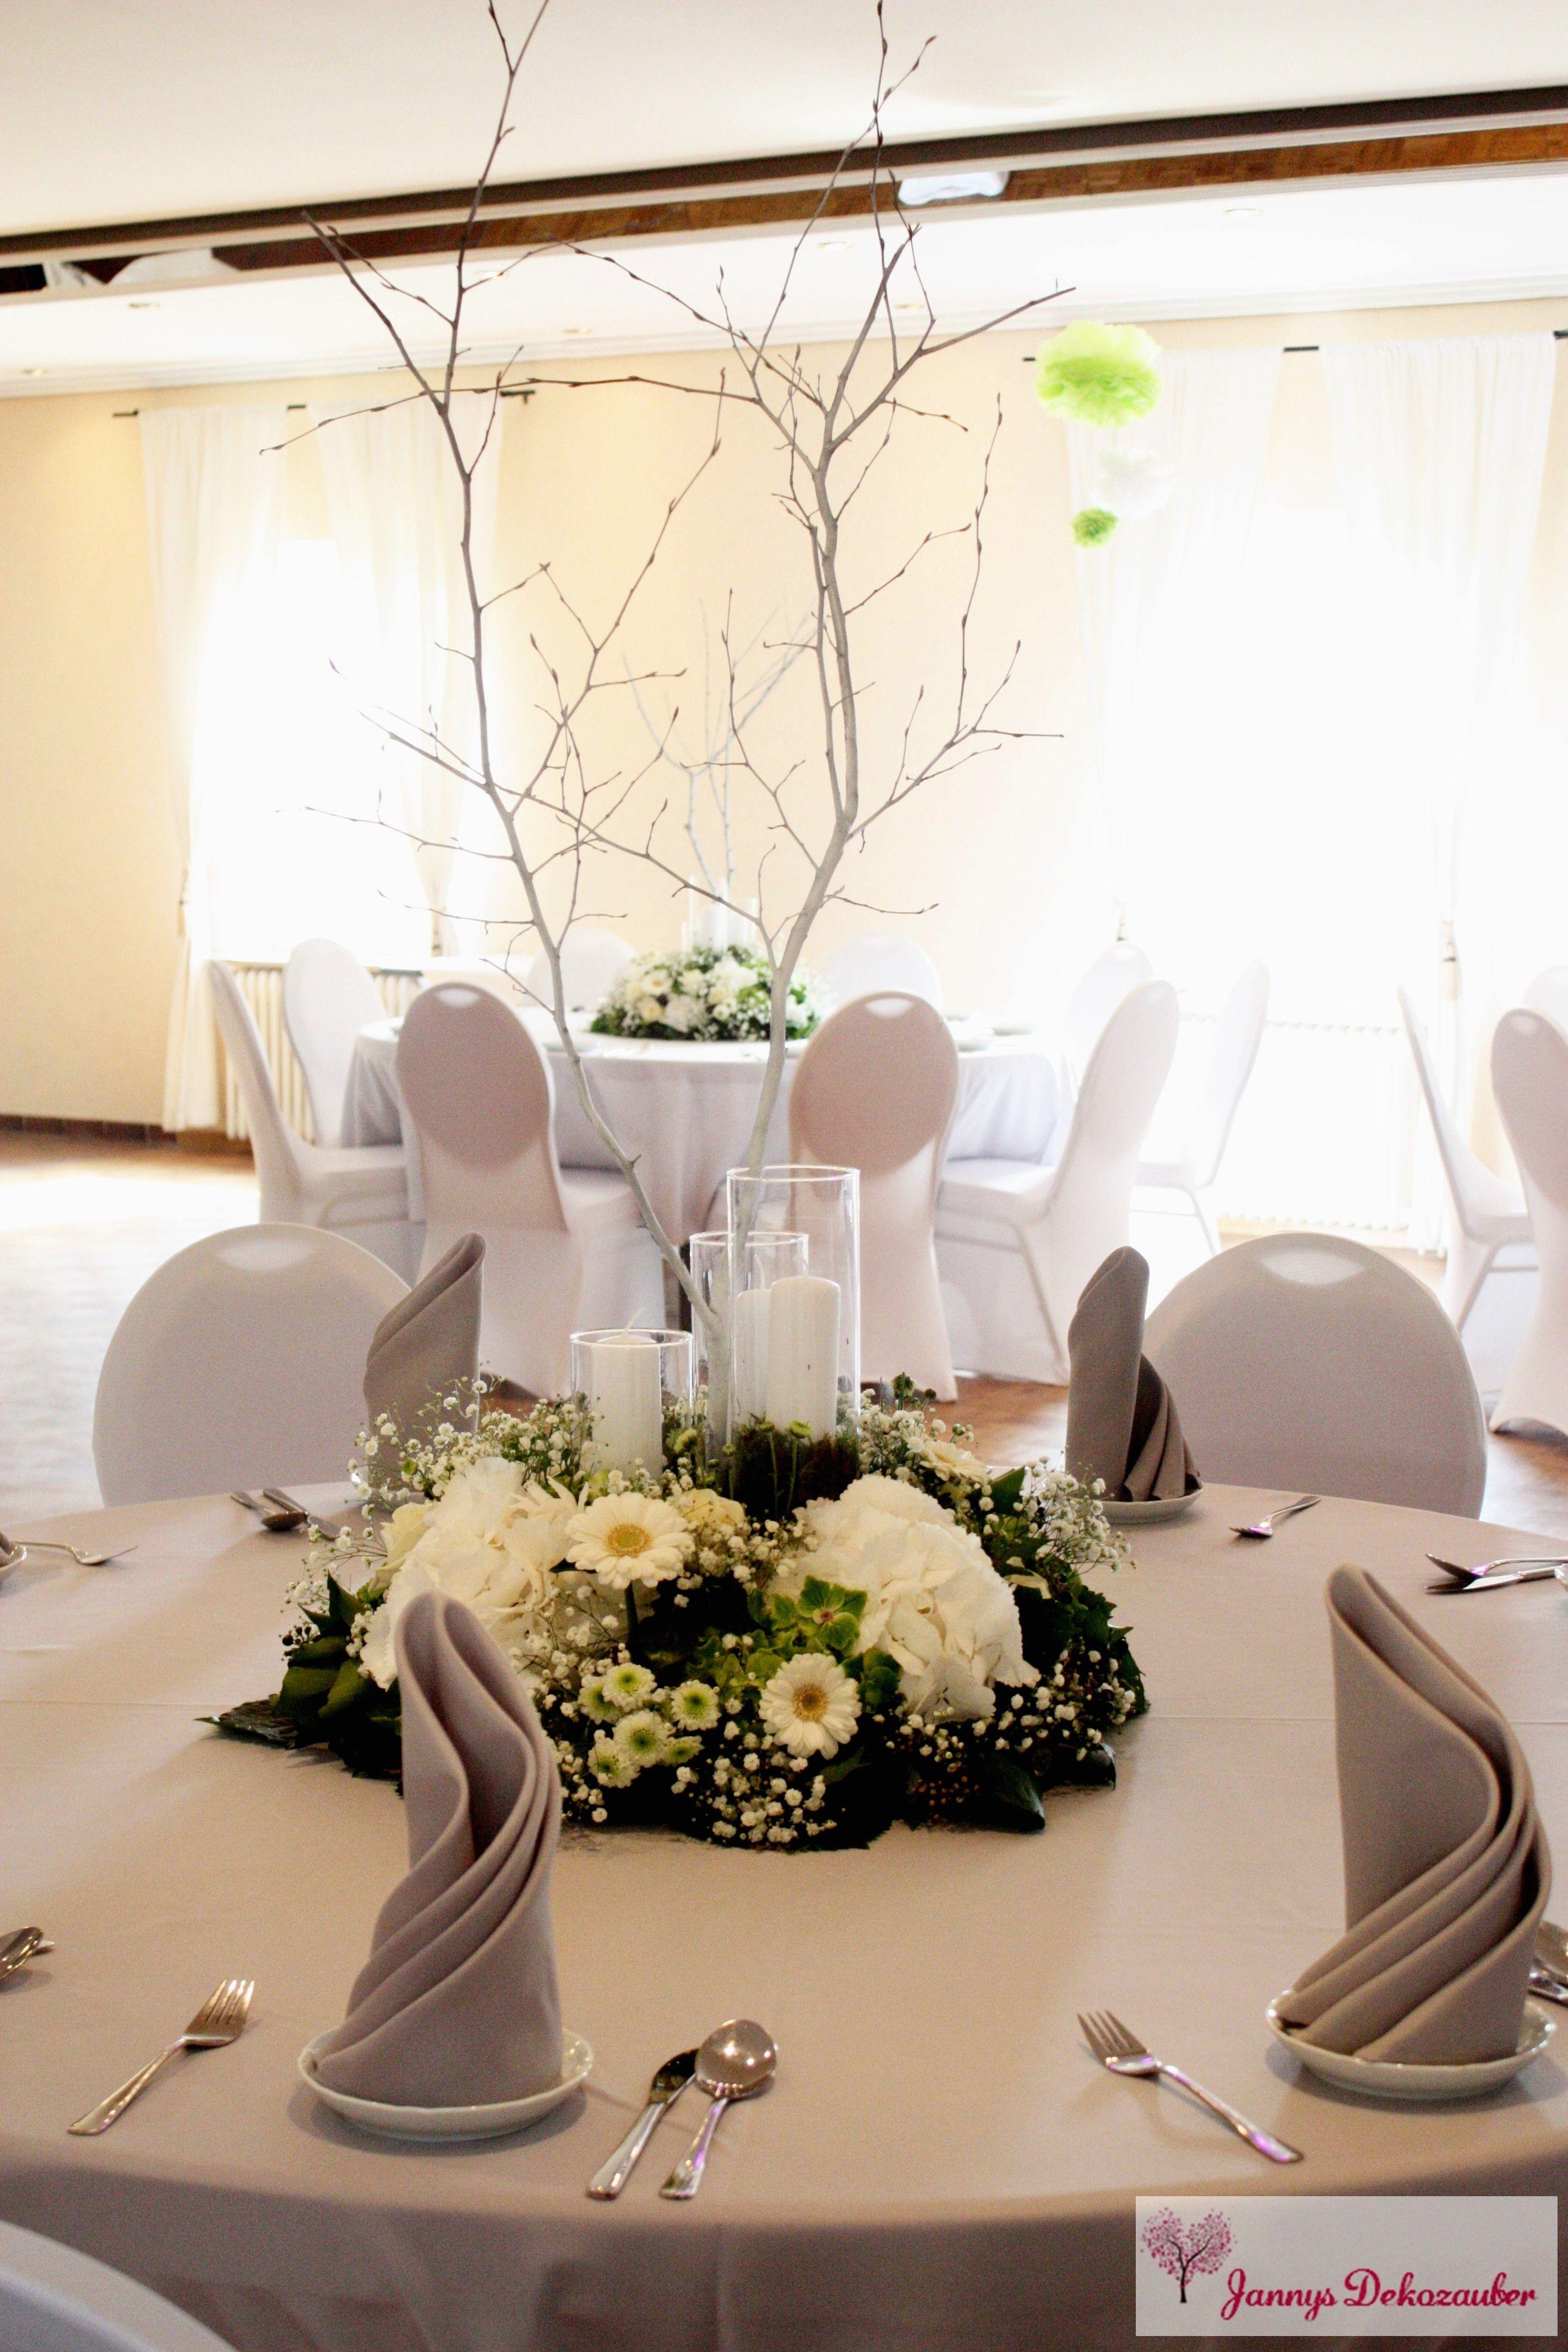 Hochzeitsdeko Bestellen Valentins Day Runde Tische Hochzeit Tischschmuck Hochzeit Hochzeitsdeko